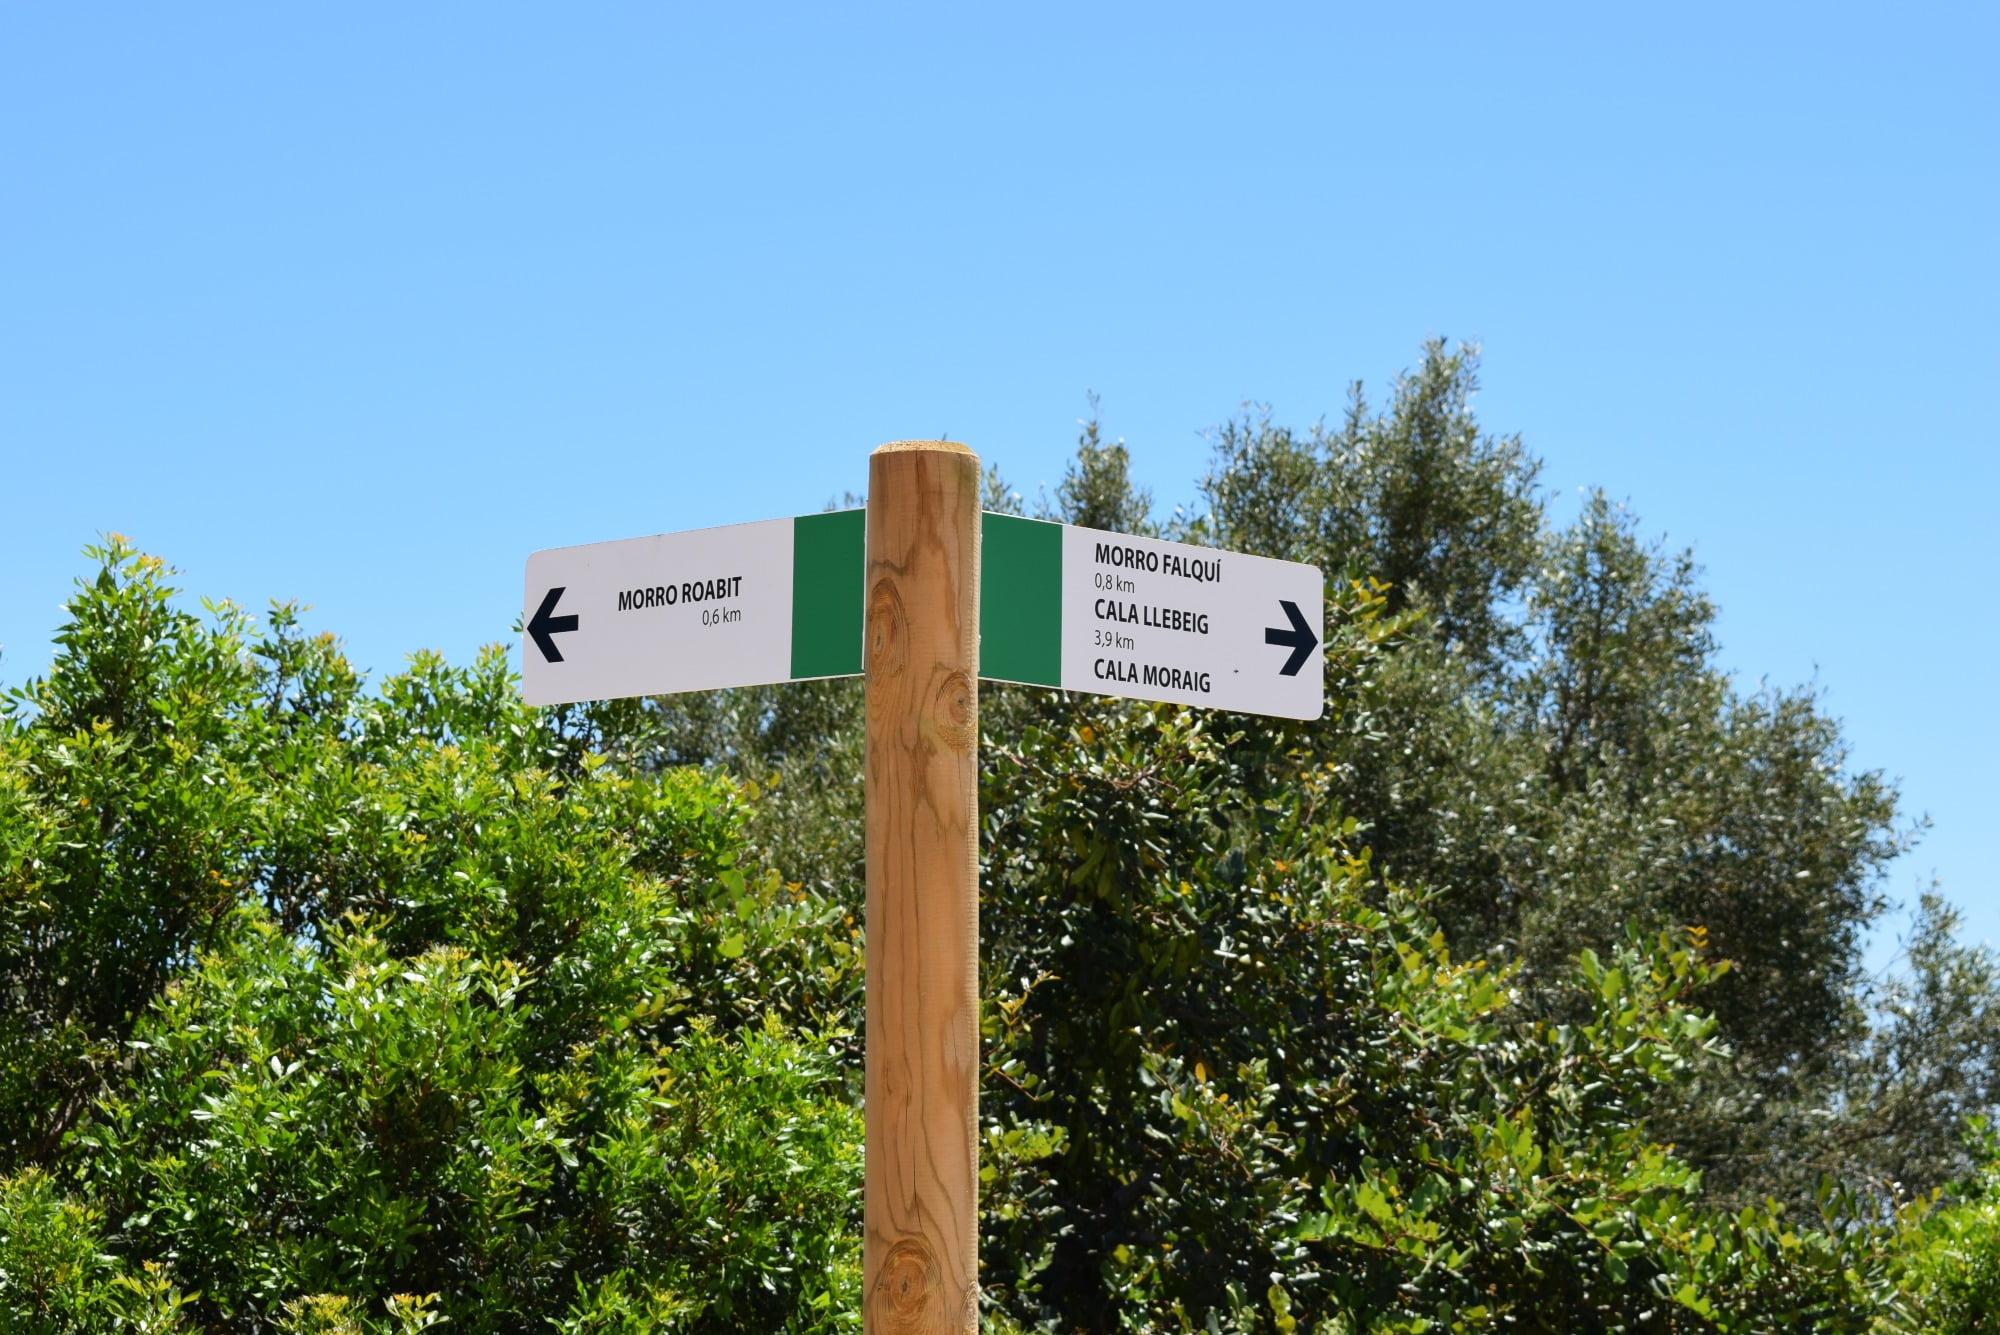 Indicaciones de la nueva ruta senderista por acantilados de Benitatxell